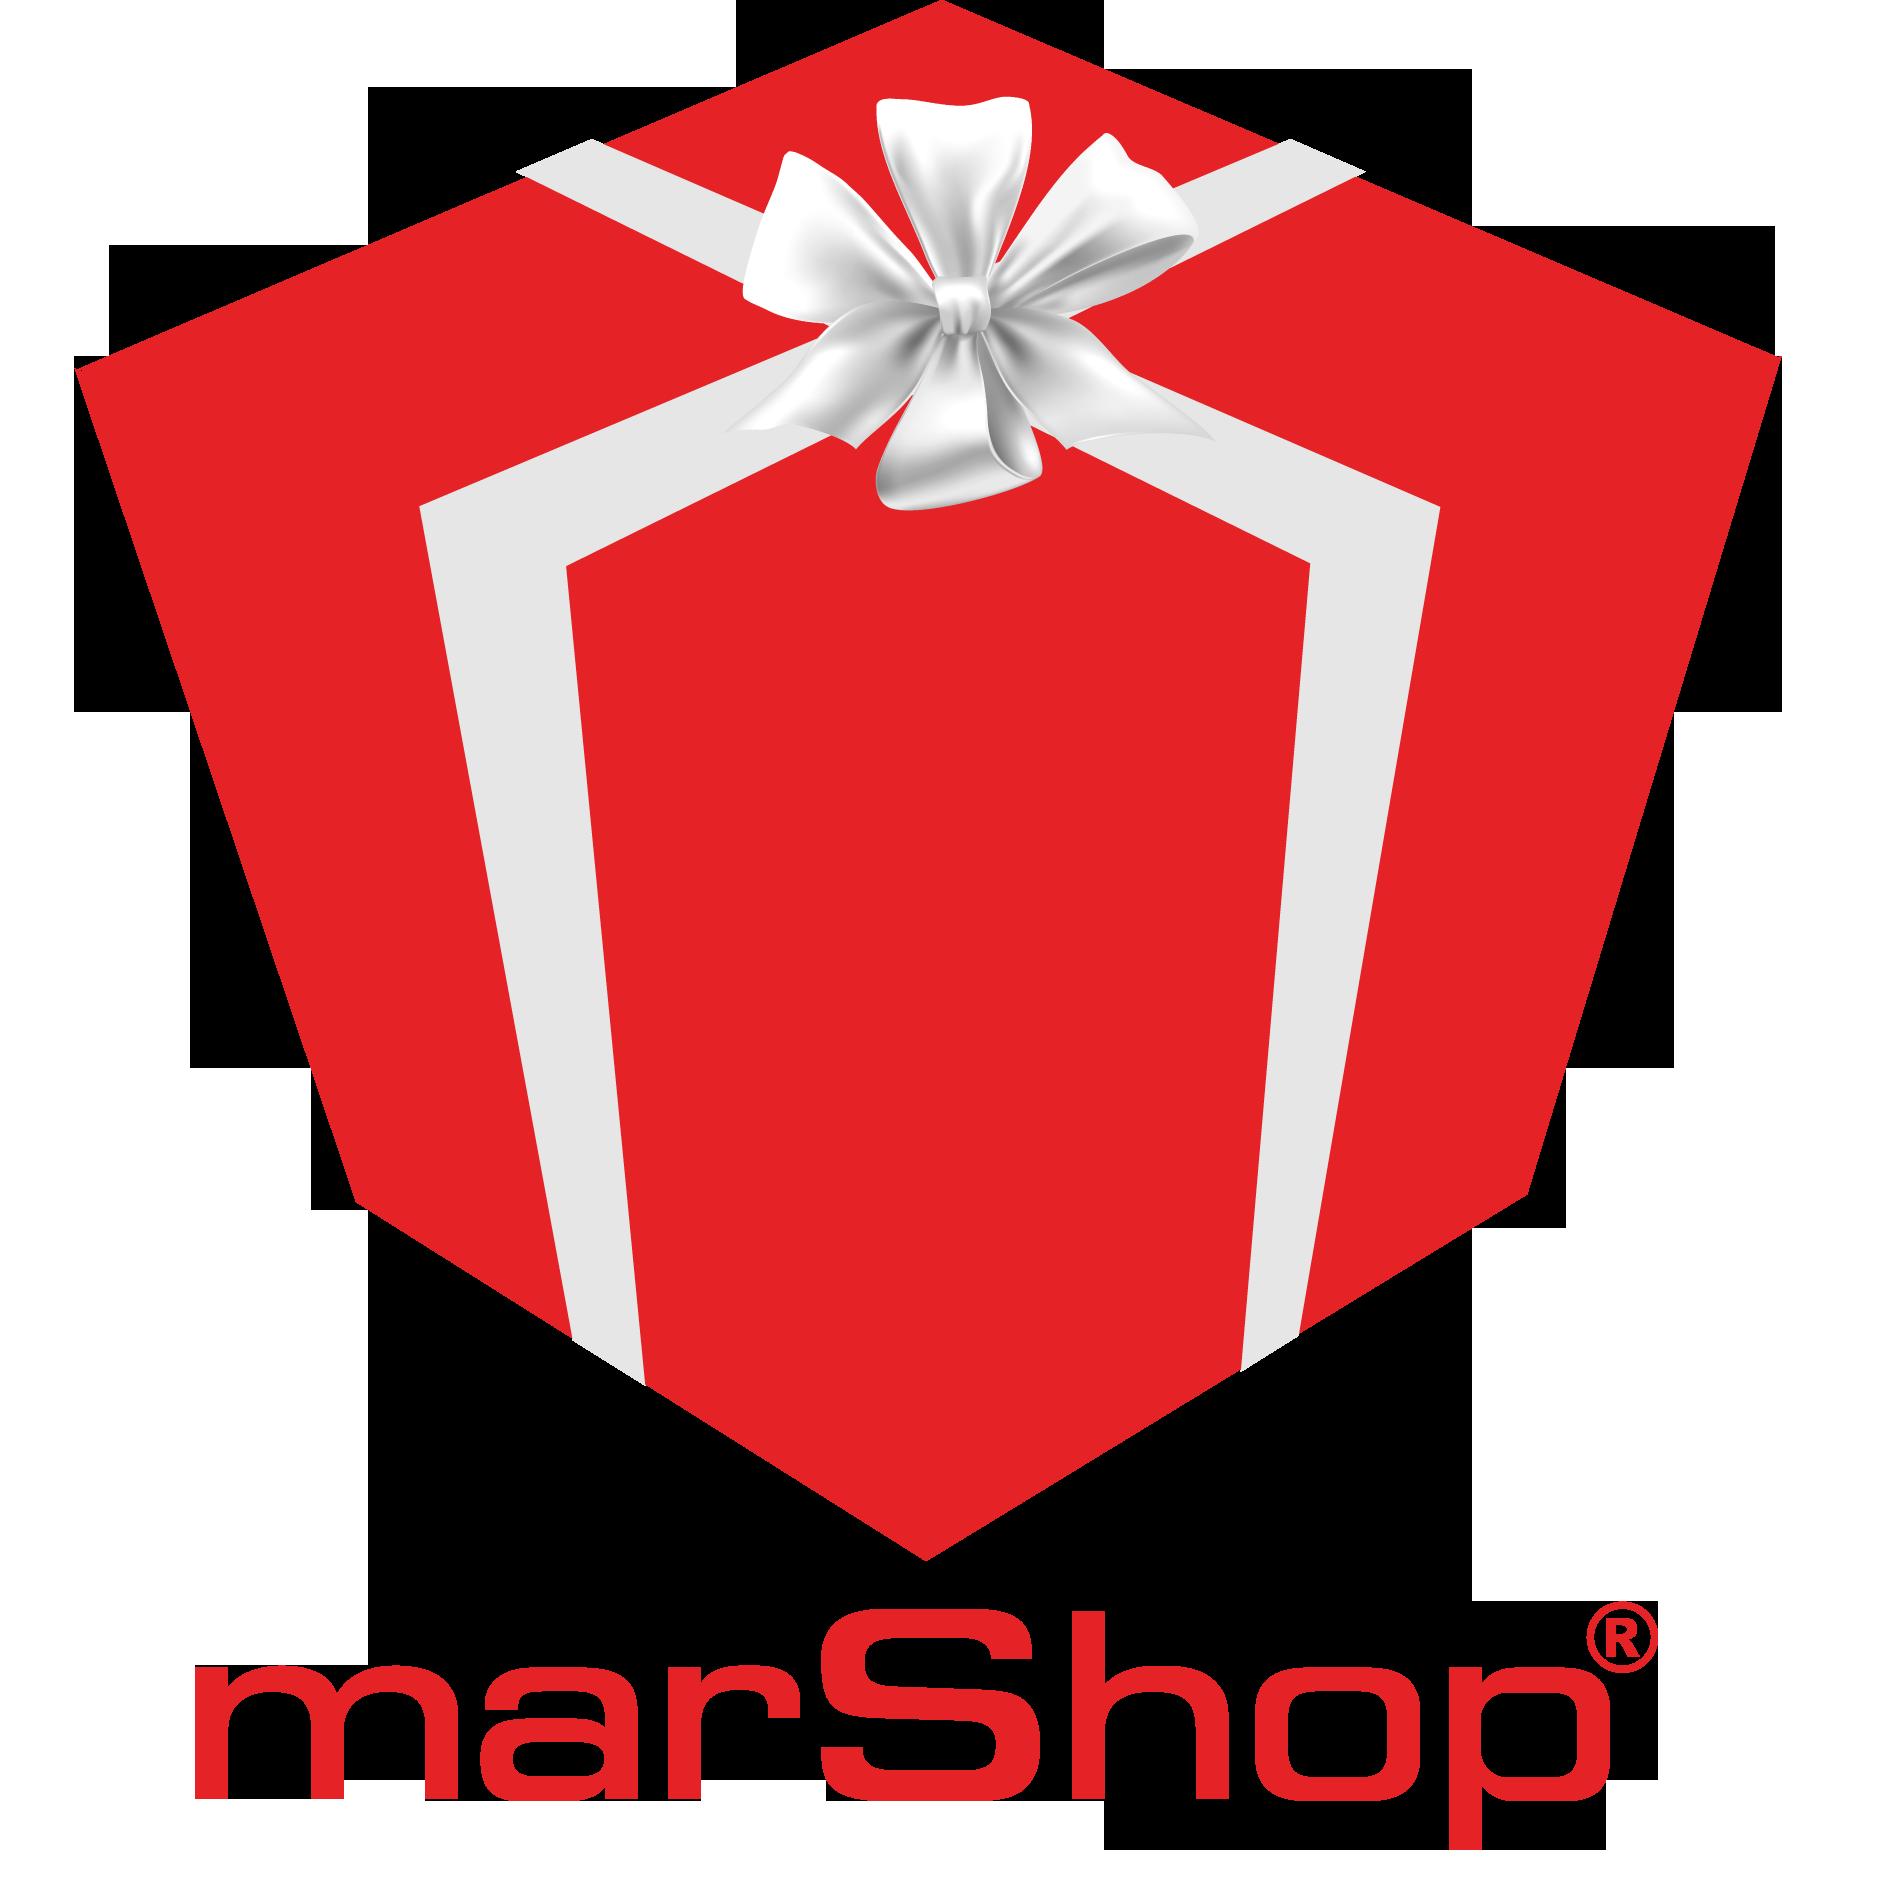 marshop ของขวัญ ของที่ระลึก ของแต่งบ้าน